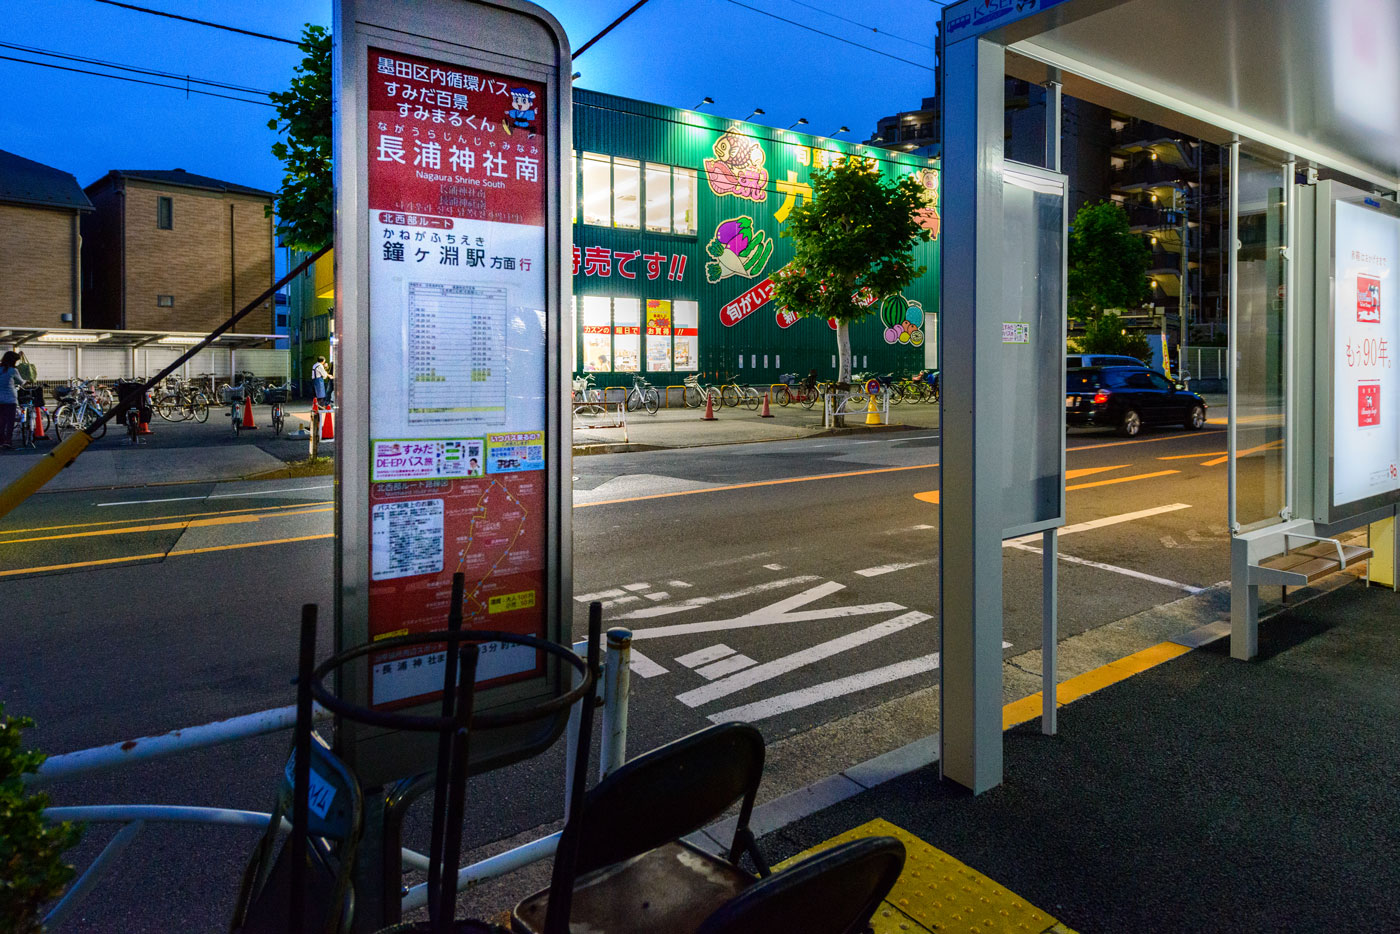 現地そば(26m)のバス停から区内循環バス「すみまるくん」も利用可。